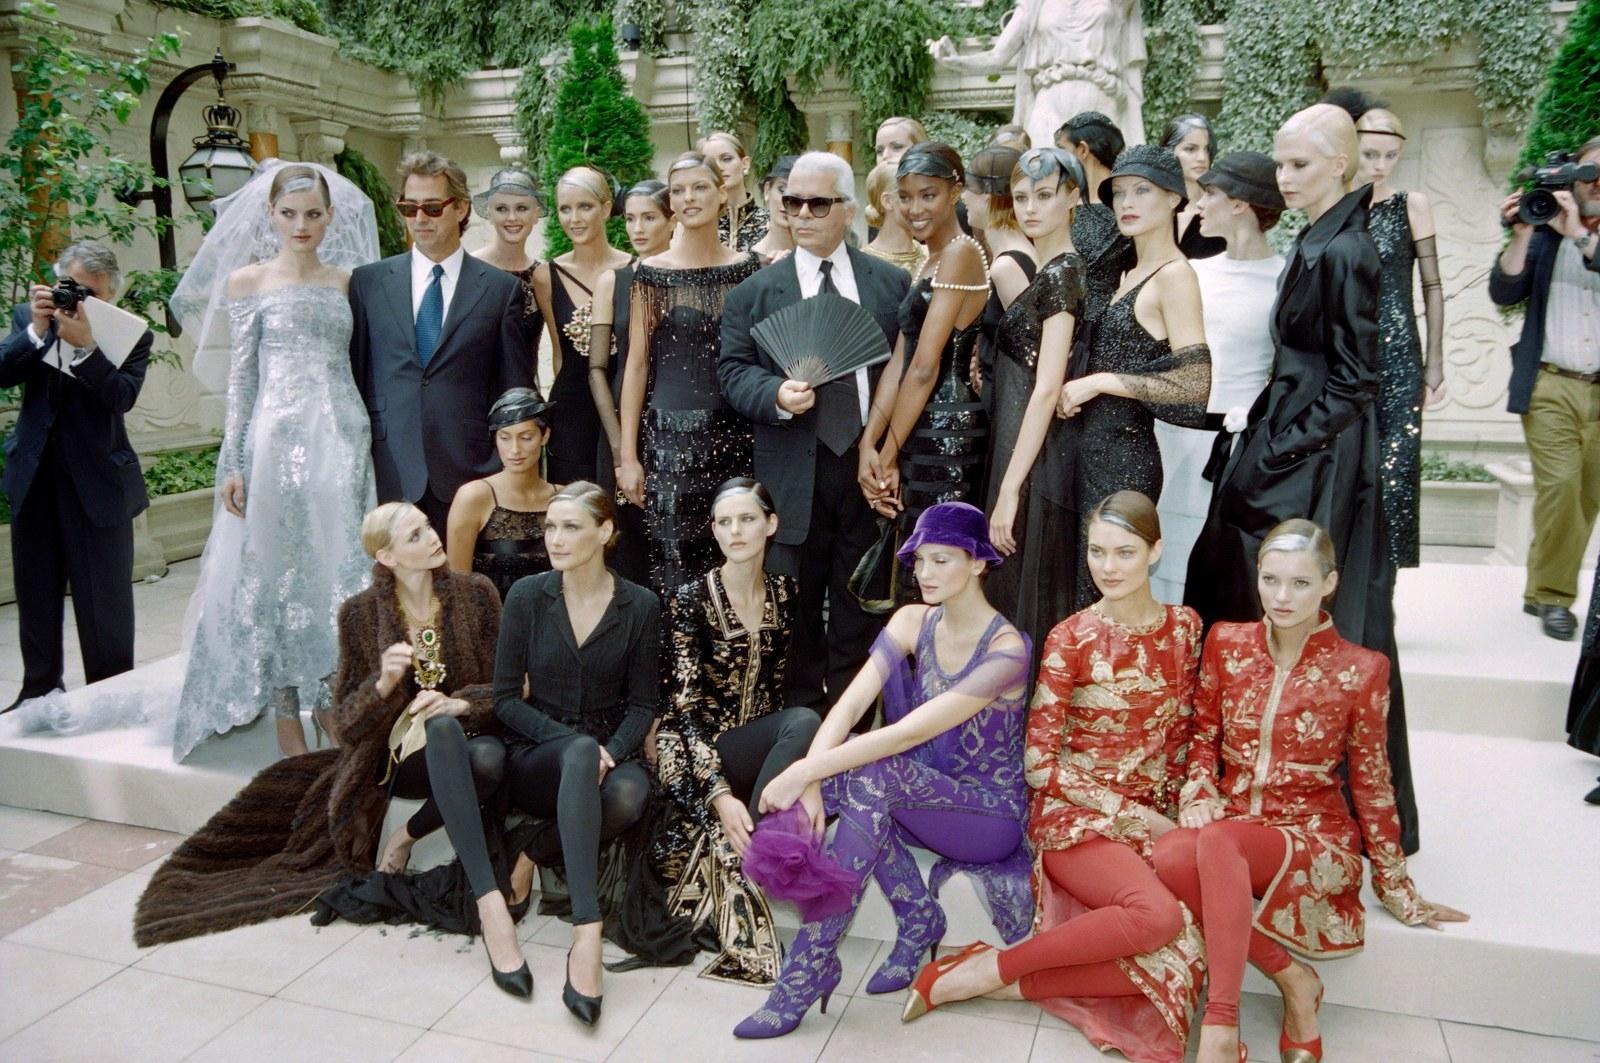 Karl Lagerfeld Has Died Age 85